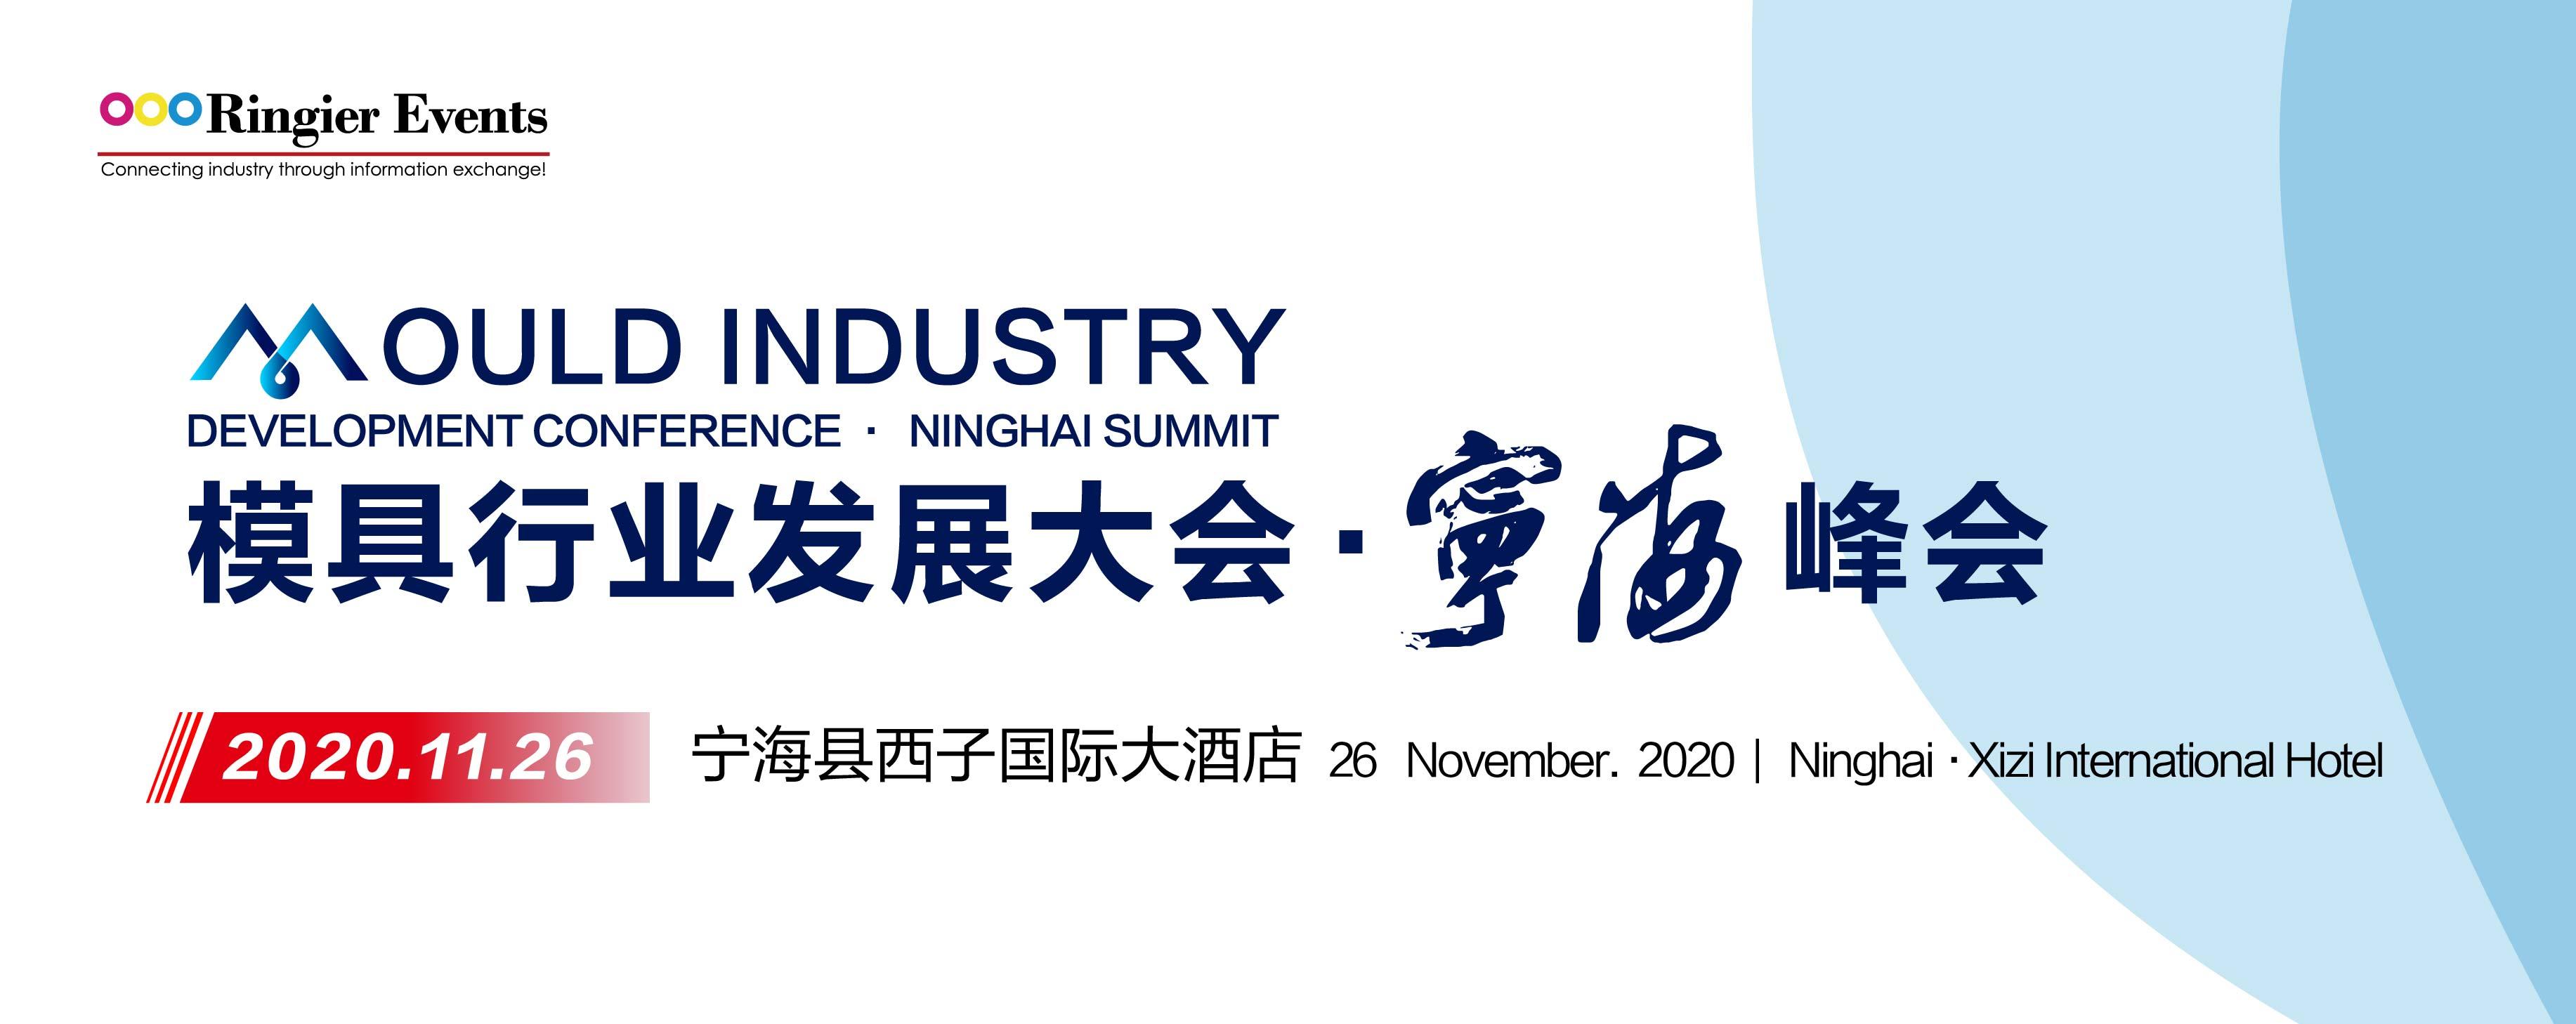 模具行业发展大会·宁海峰会